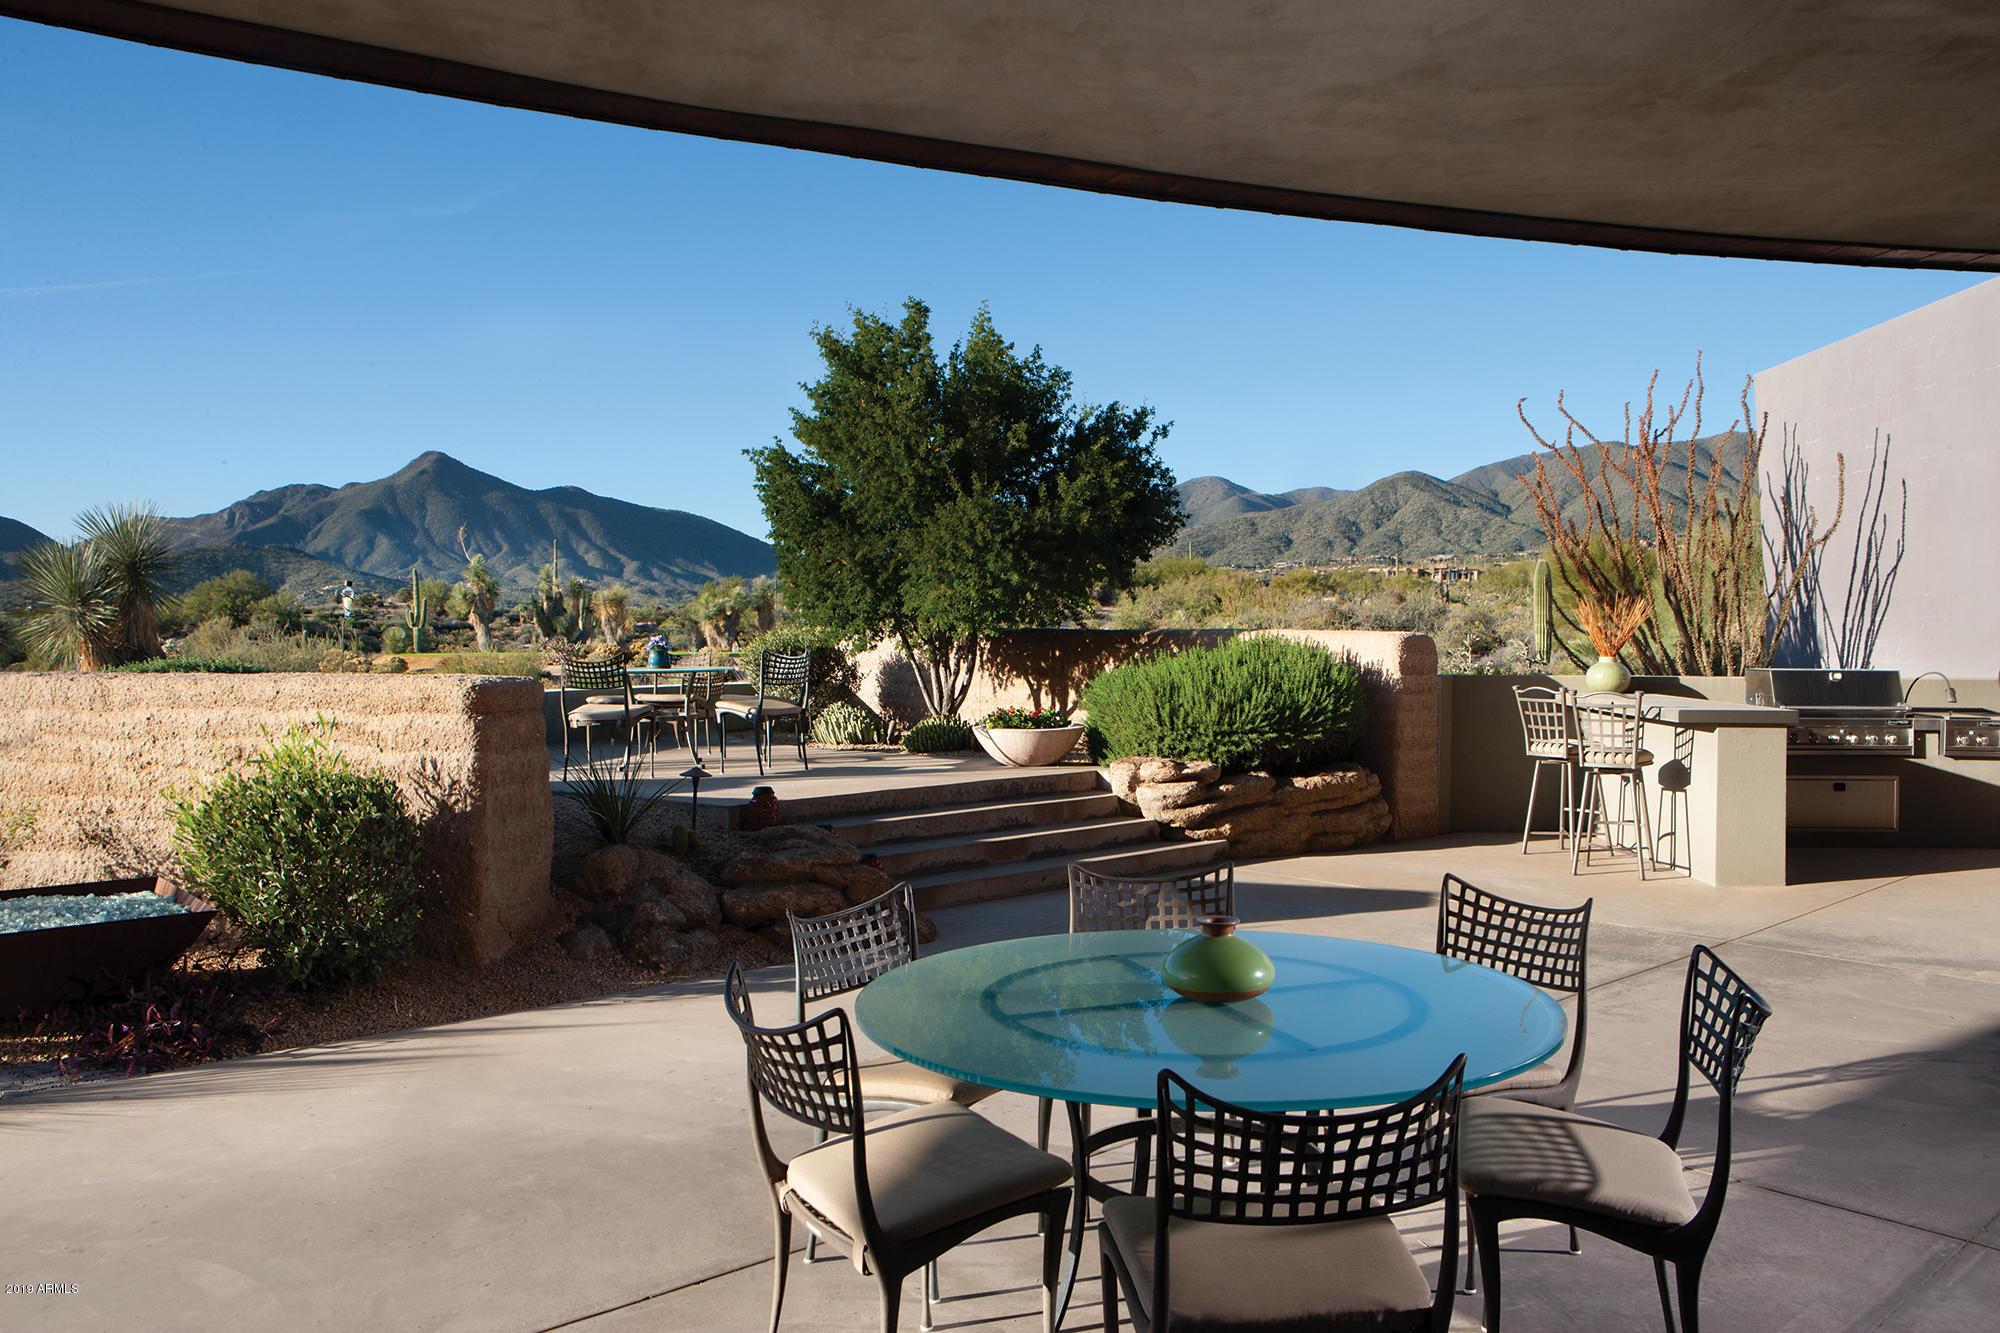 MLS 5865319 10216 E VENADO Trail, Scottsdale, AZ 85262 Scottsdale AZ Gated